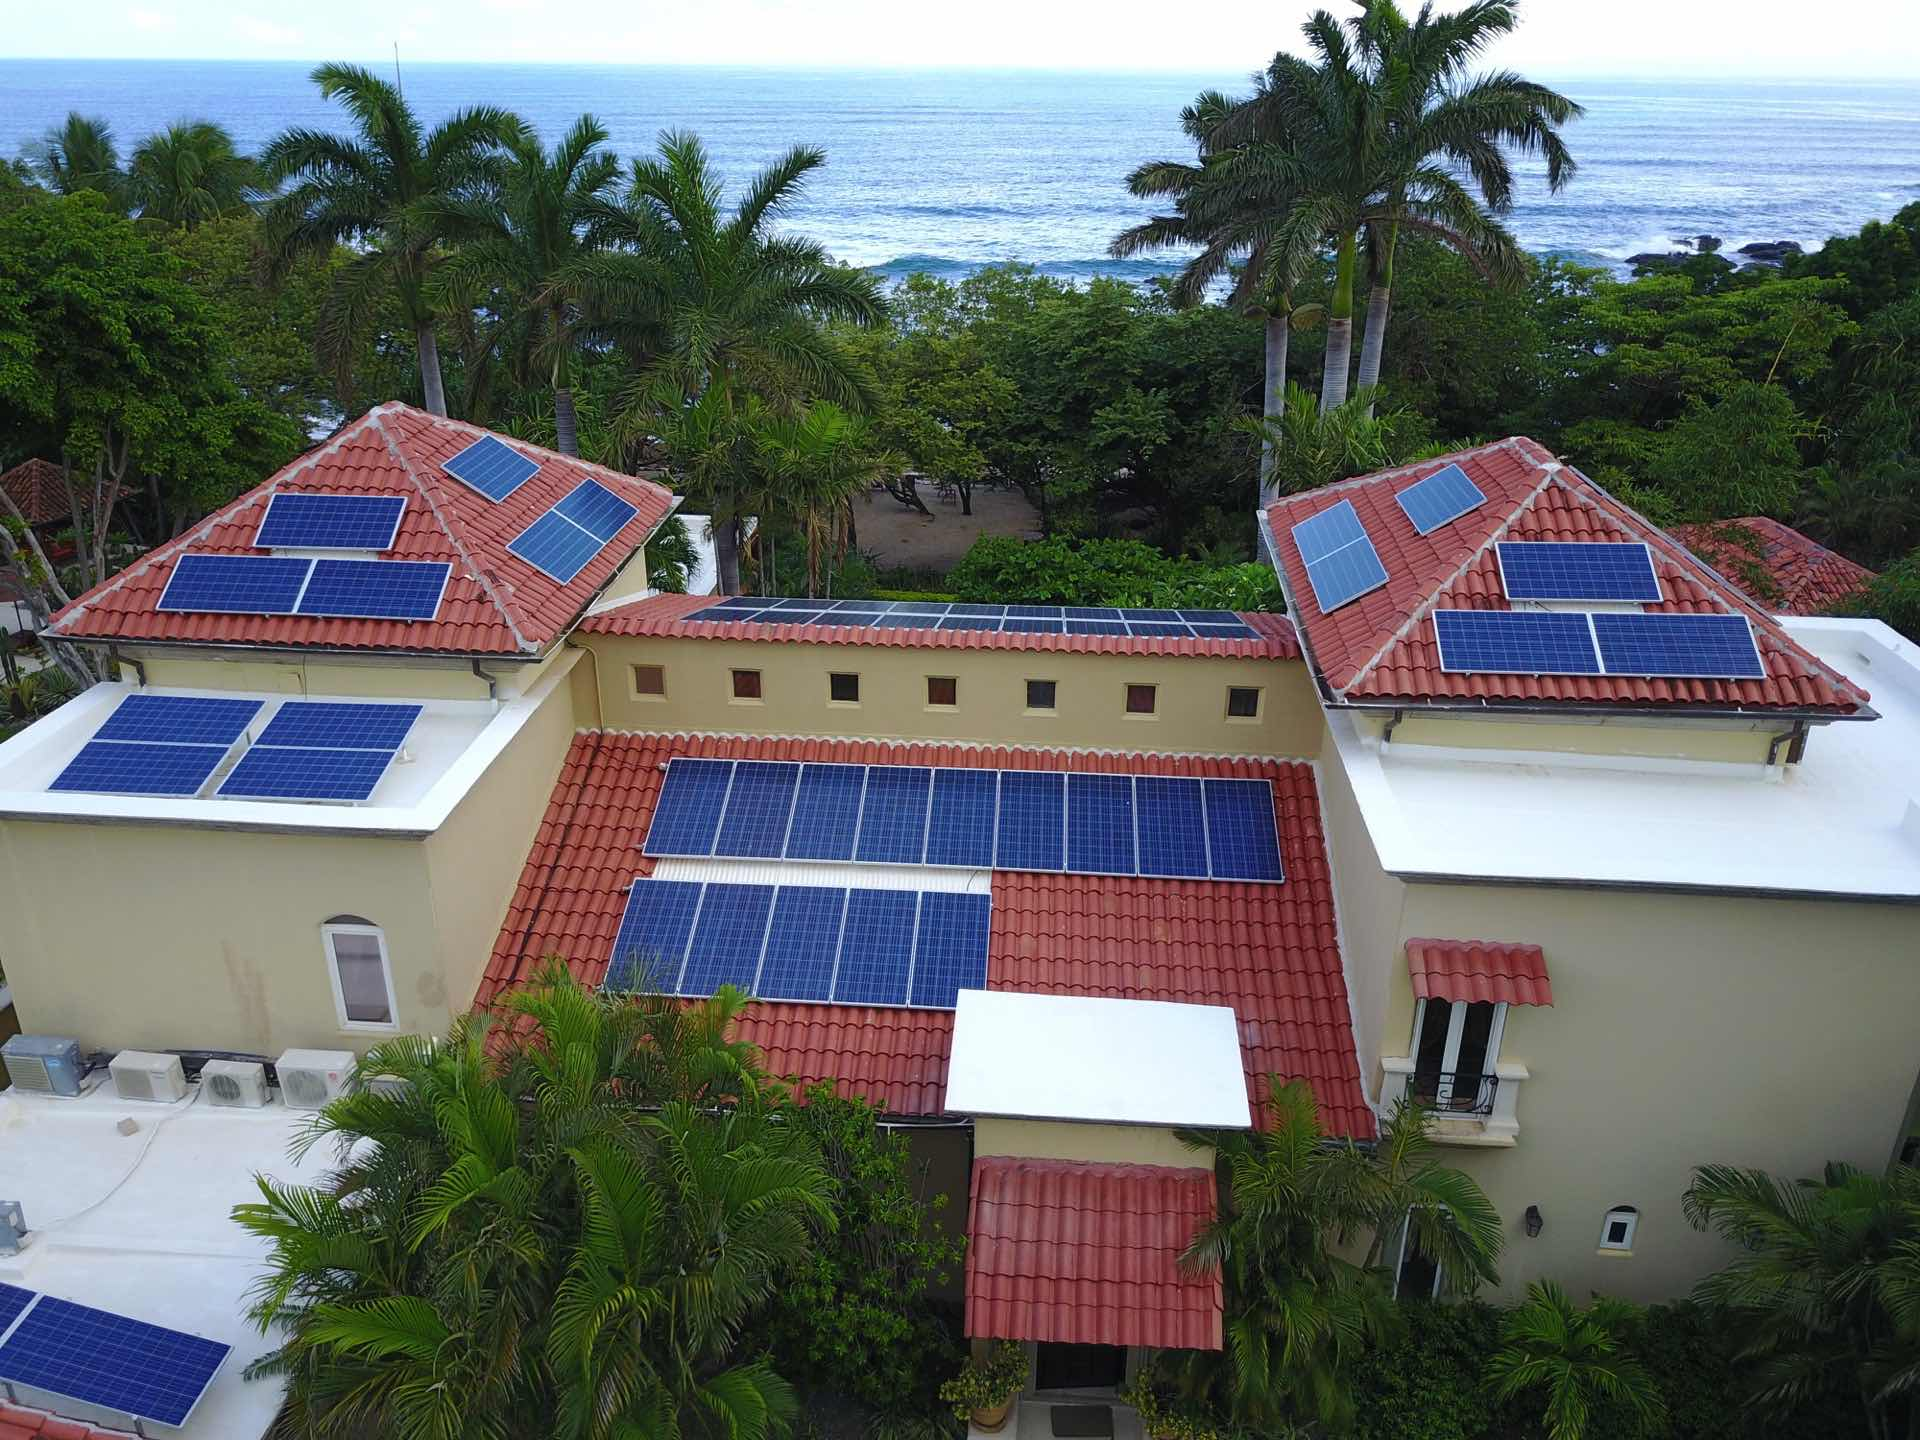 Solar panels make Casa de Luz easy on the environment